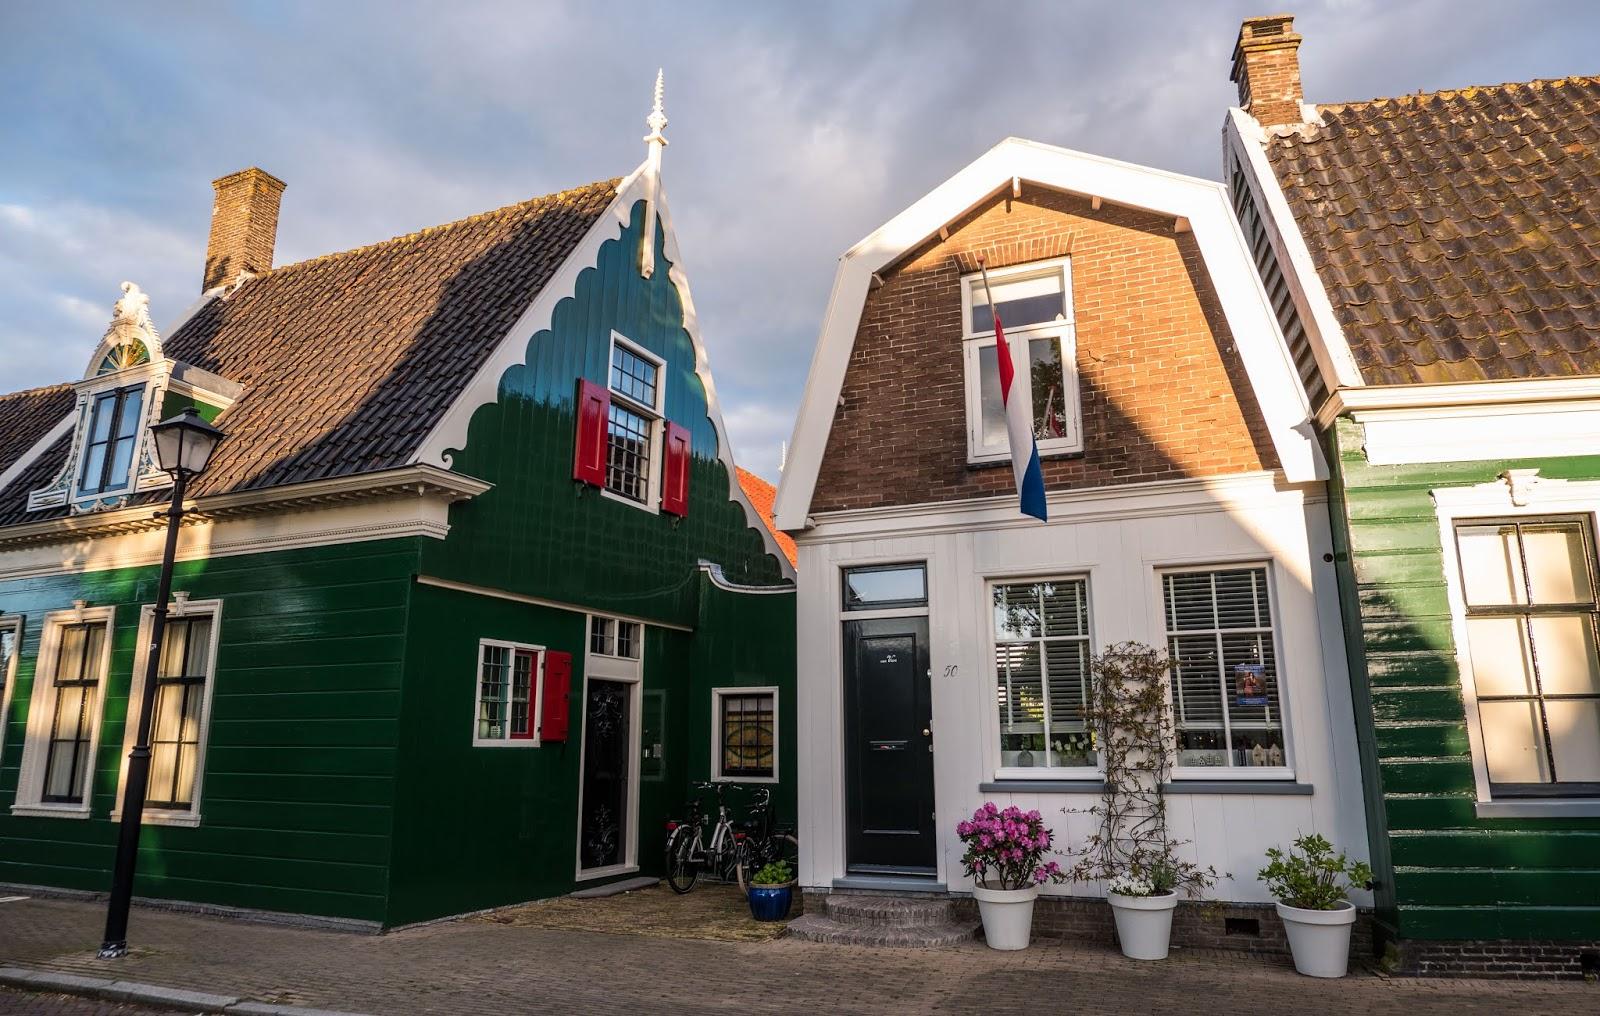 Houses in Zaandijk, The Netherlands